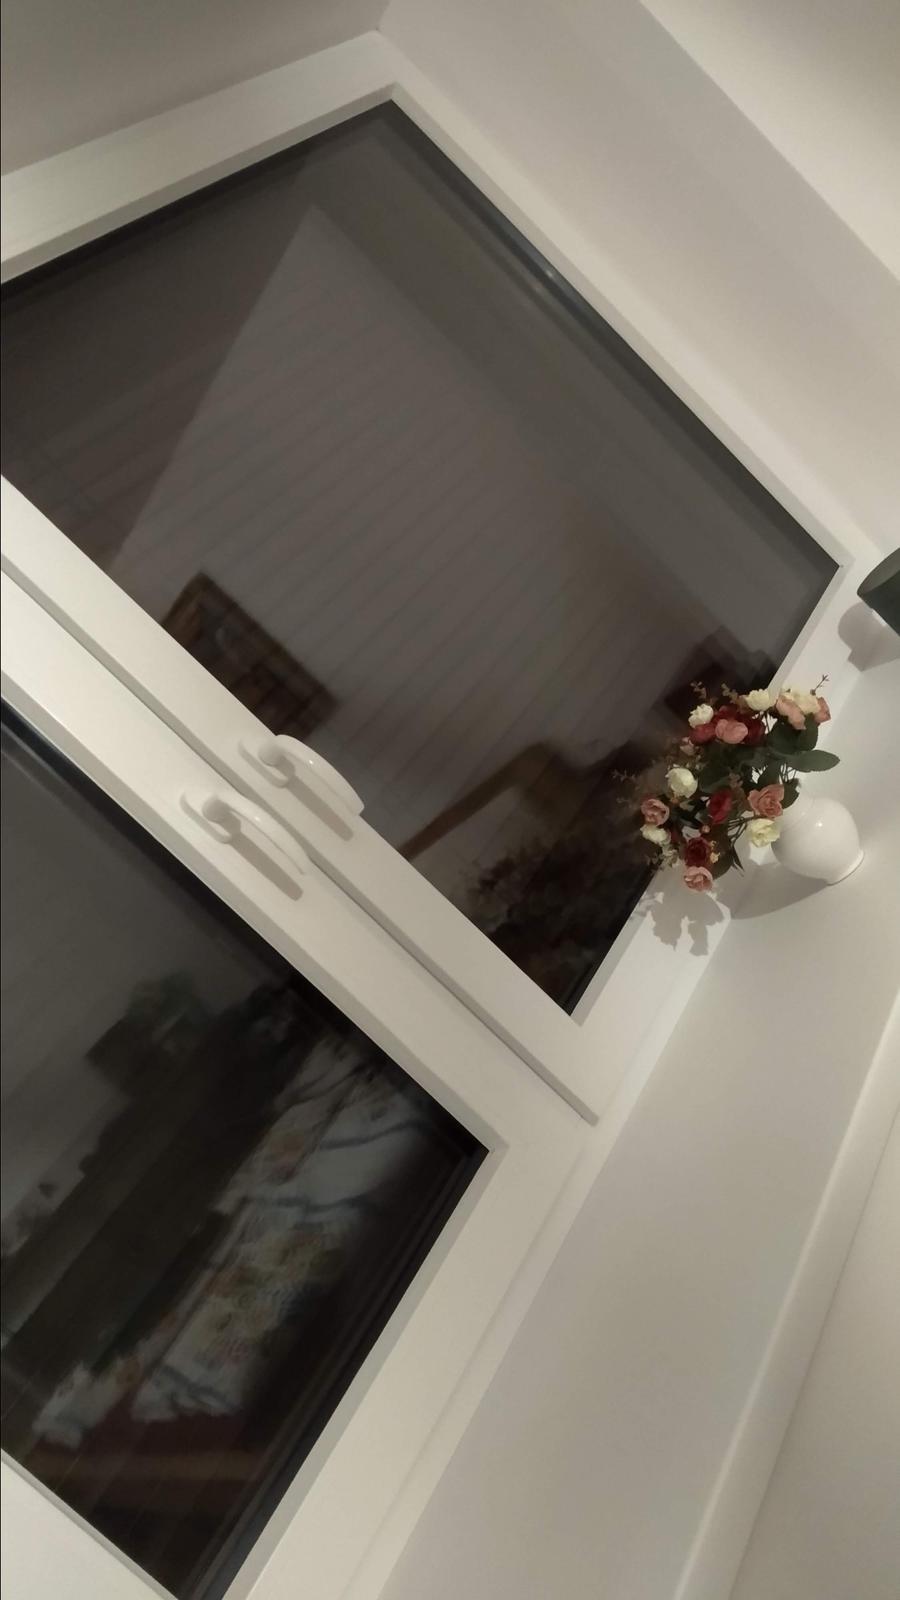 Rekonštrukcia veľmi starej stavby :) - Keď už človek býva, ide to pomalšie... a o to viac sa teším aj z maličkostí. Hoc, nie lacných maličkostí :D konečne dodané a hotové vonkajšie žalúzie, nikdy som nemala väčšiu radosť z tmy za oknom :D